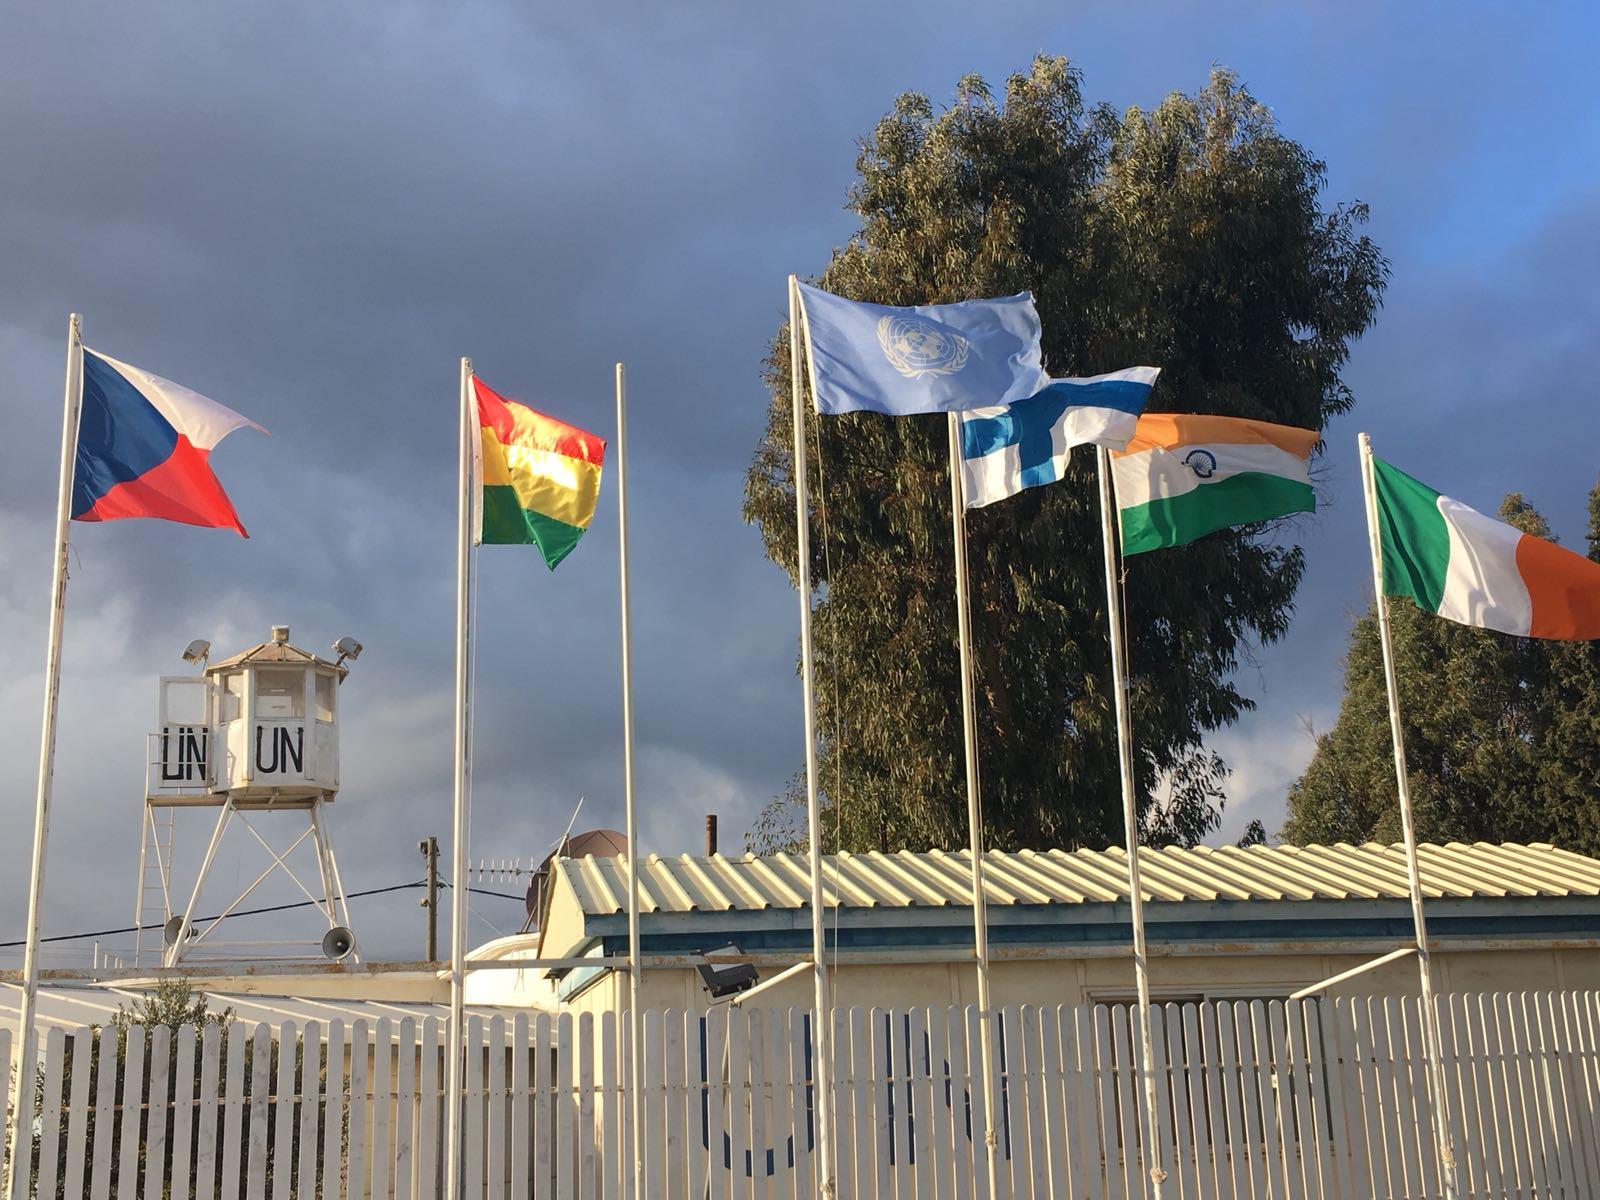 UNDOF-operaatioon joukkoja osoittavien maiden liput Golanilla. Kuva: Niina Nykänen